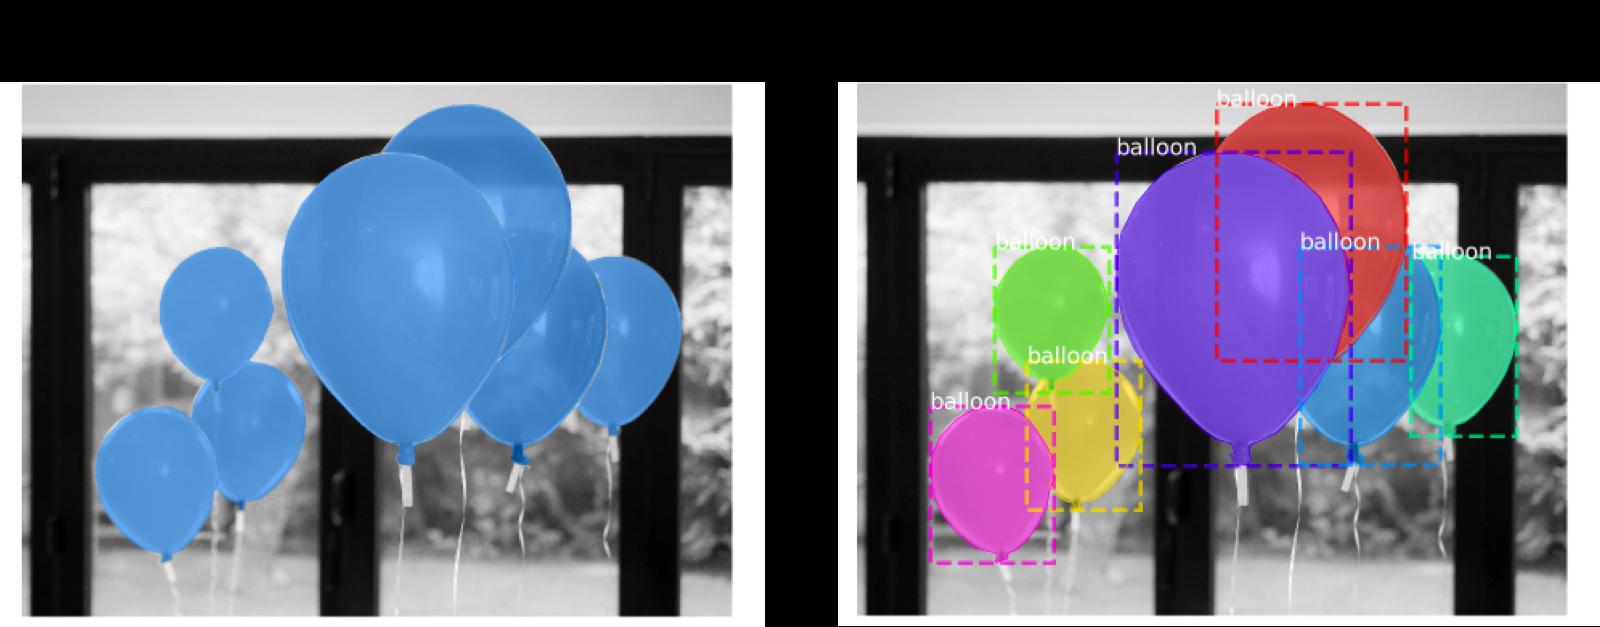 Evaluating image segmentation models